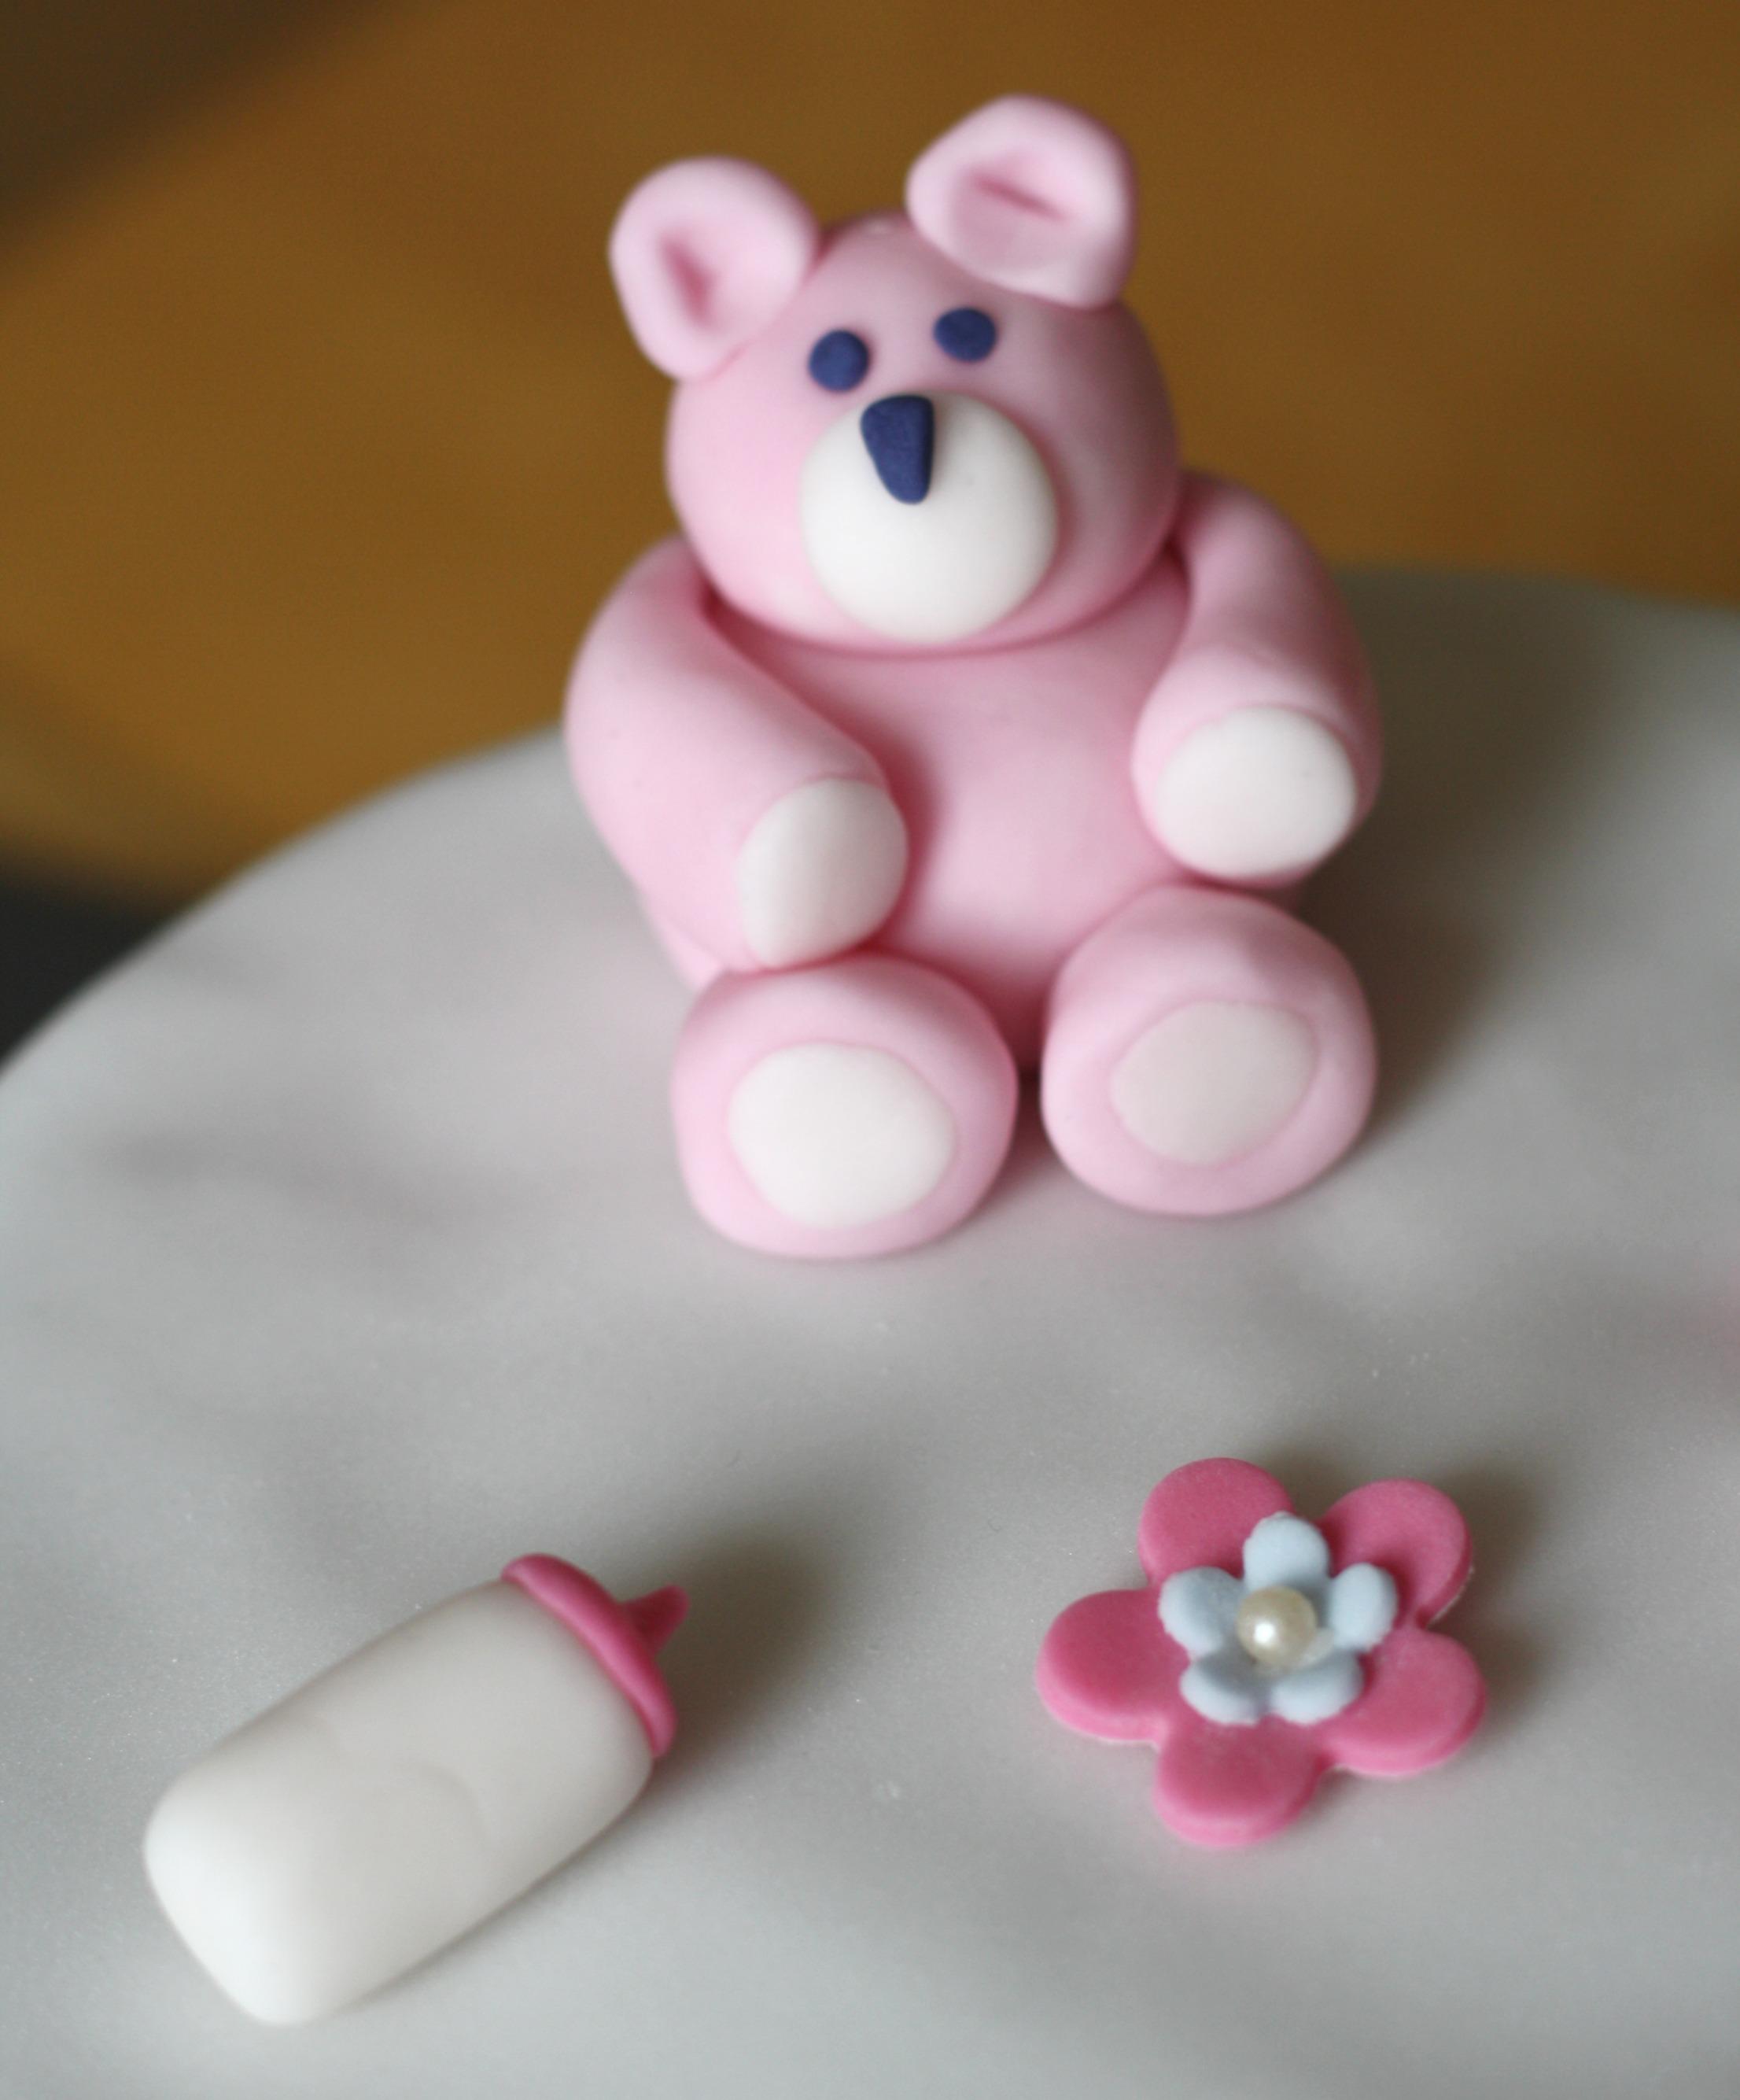 Tauftorte und cupcakes fr ulein cupcake - Tumblr deko kaufen ...